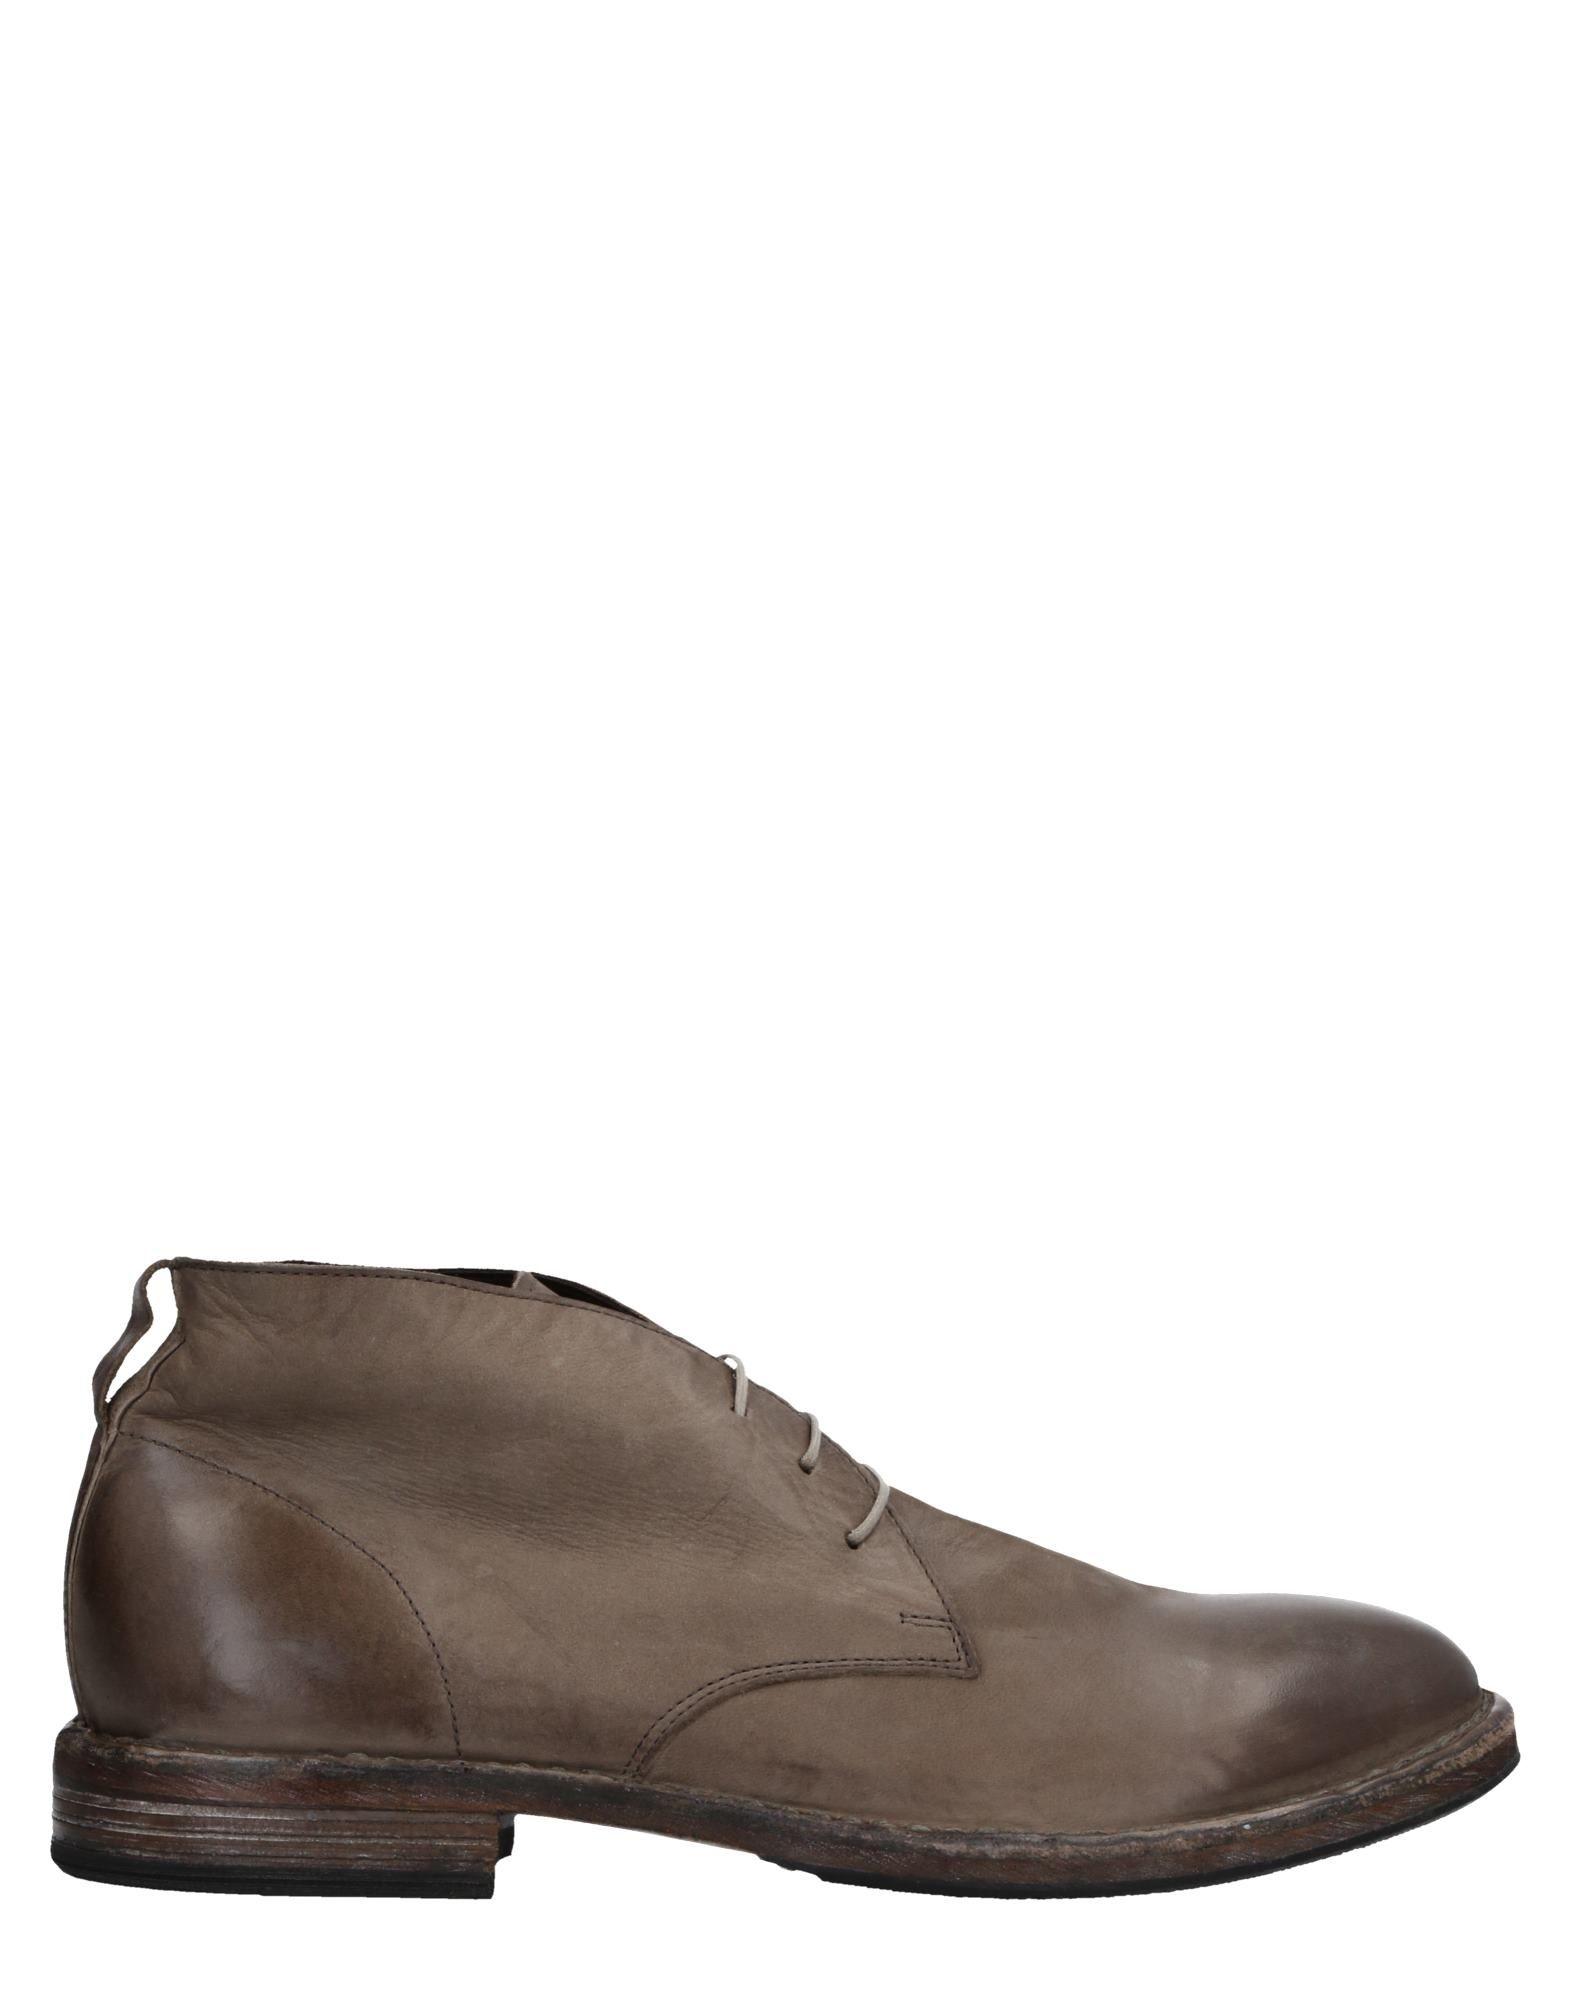 Moma Stiefelette Herren  11516556SD Gute Qualität beliebte Schuhe